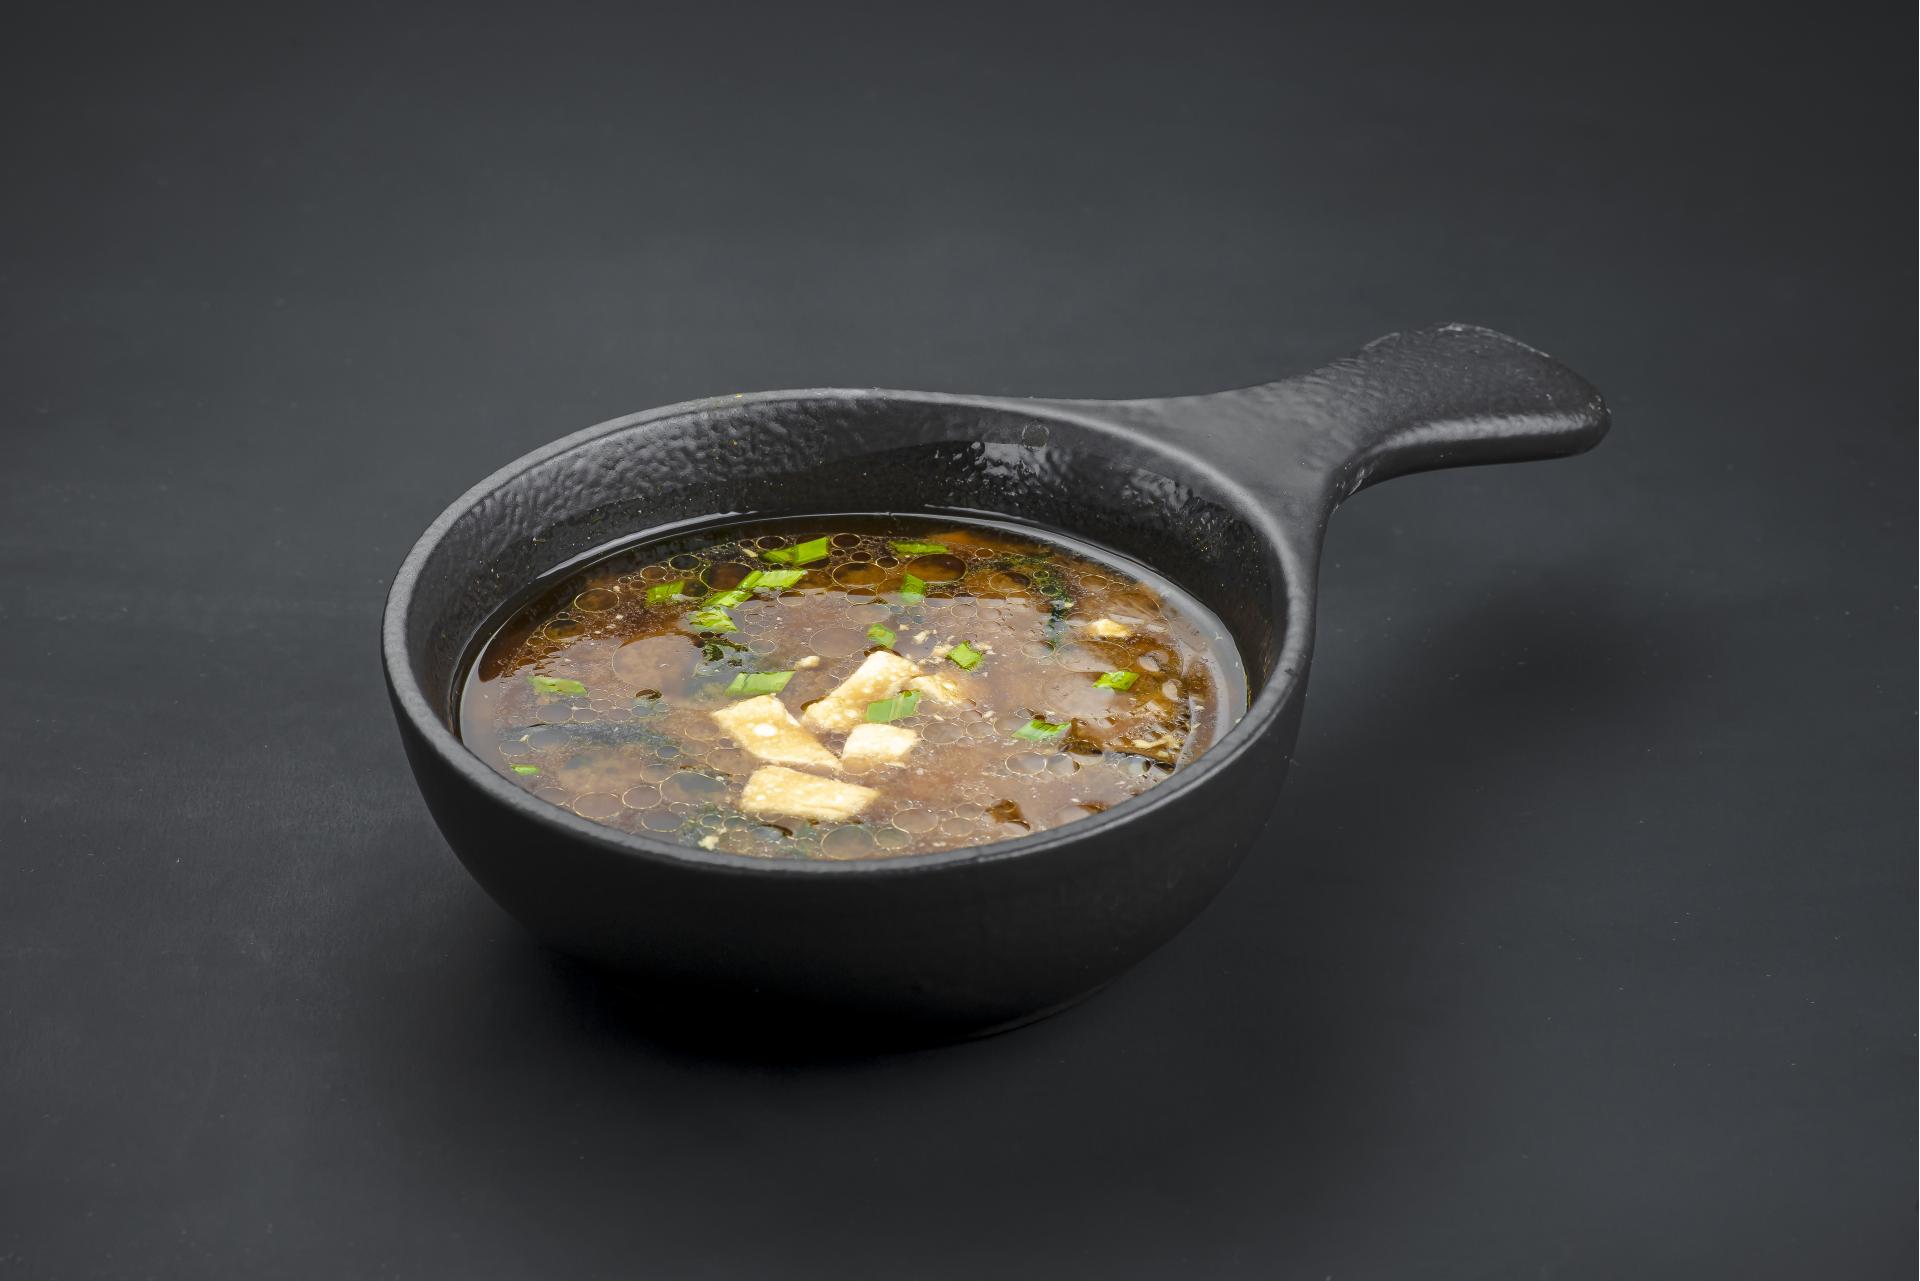 Мисо суп с грибами шиитаке и водорослями вакаме